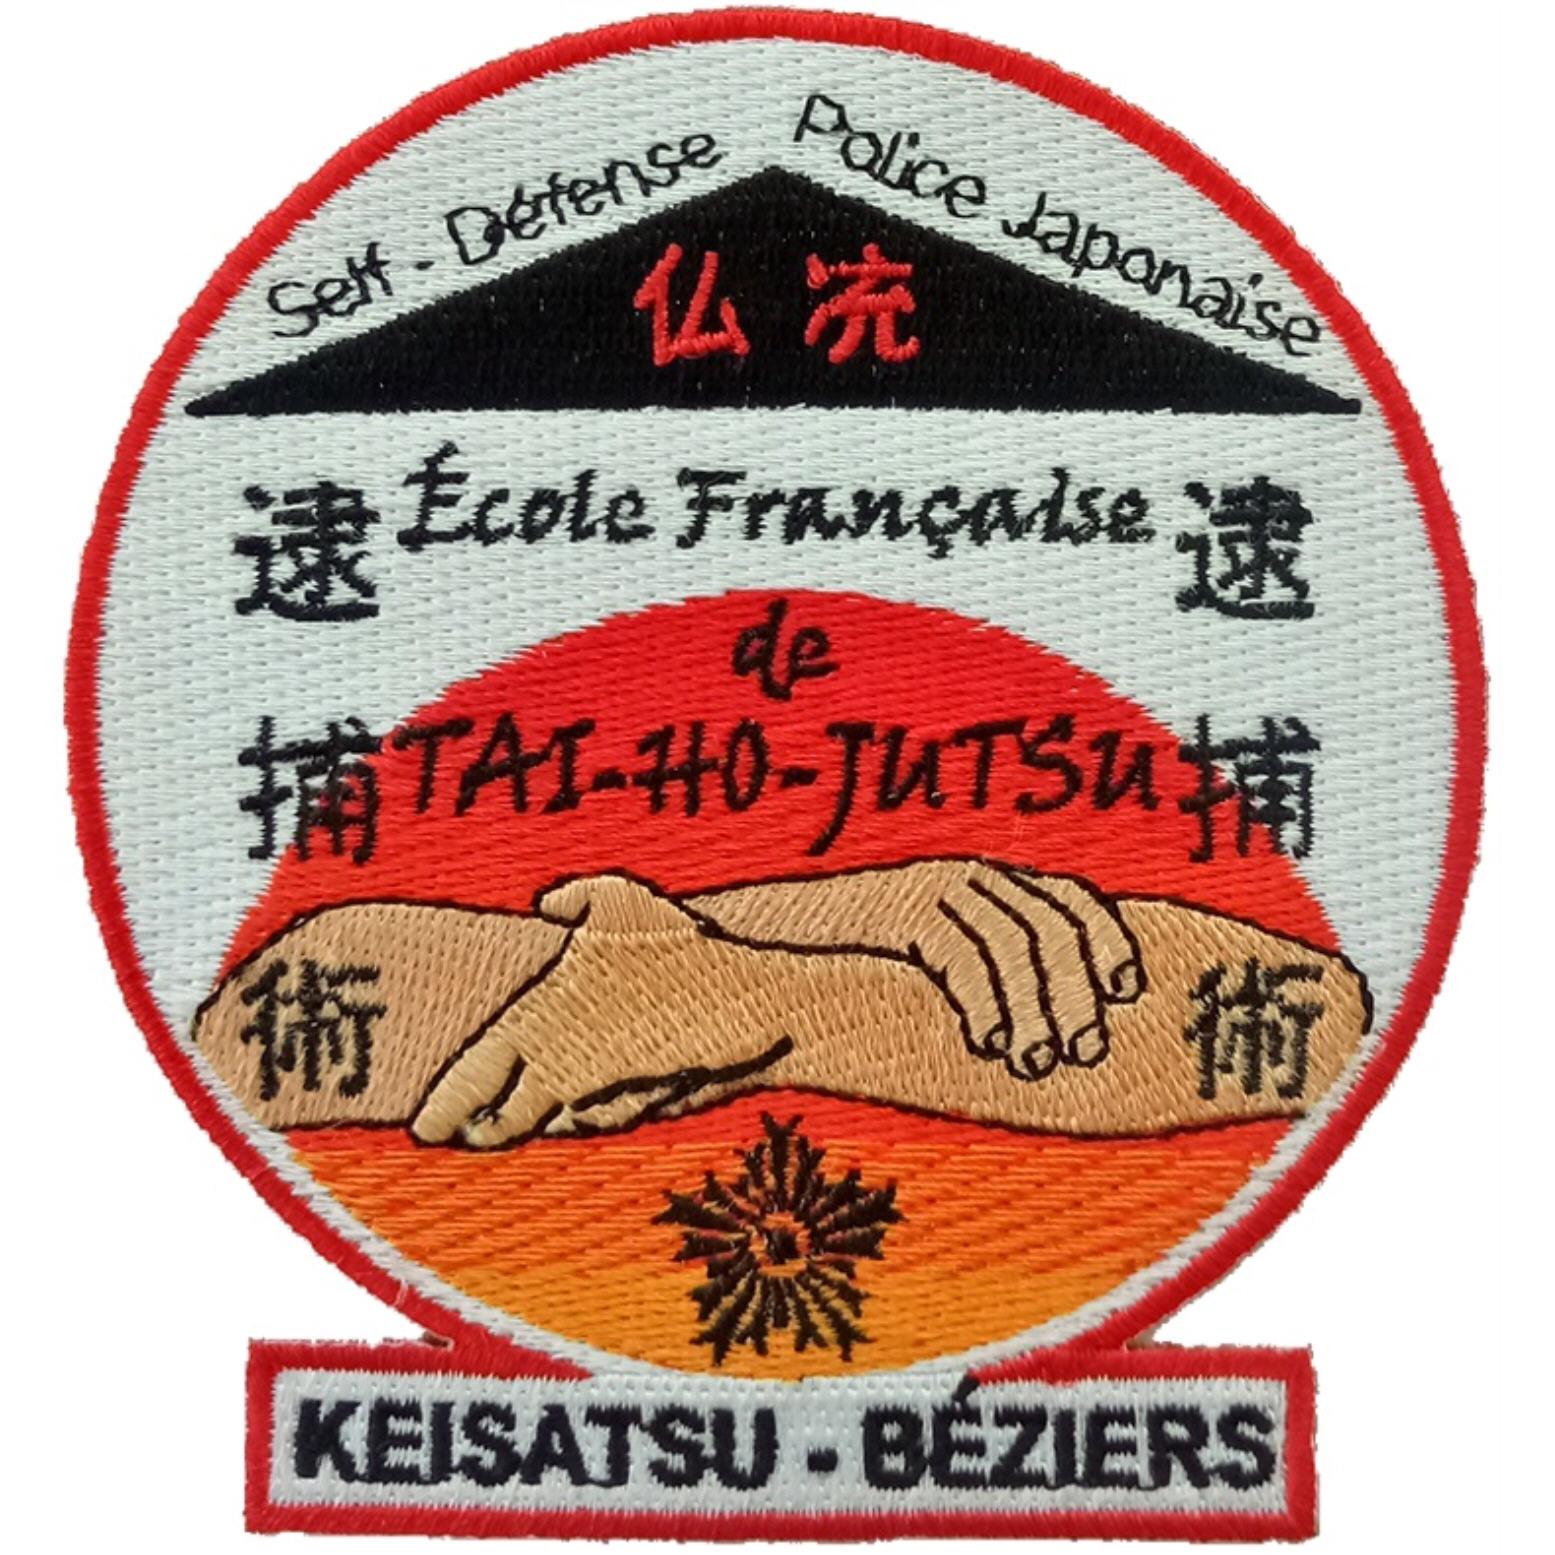 ÉCUSSON ÉCOLE FRANÇAISE DE TAI-HO-JUTSU KEISATSU BÉZIERS